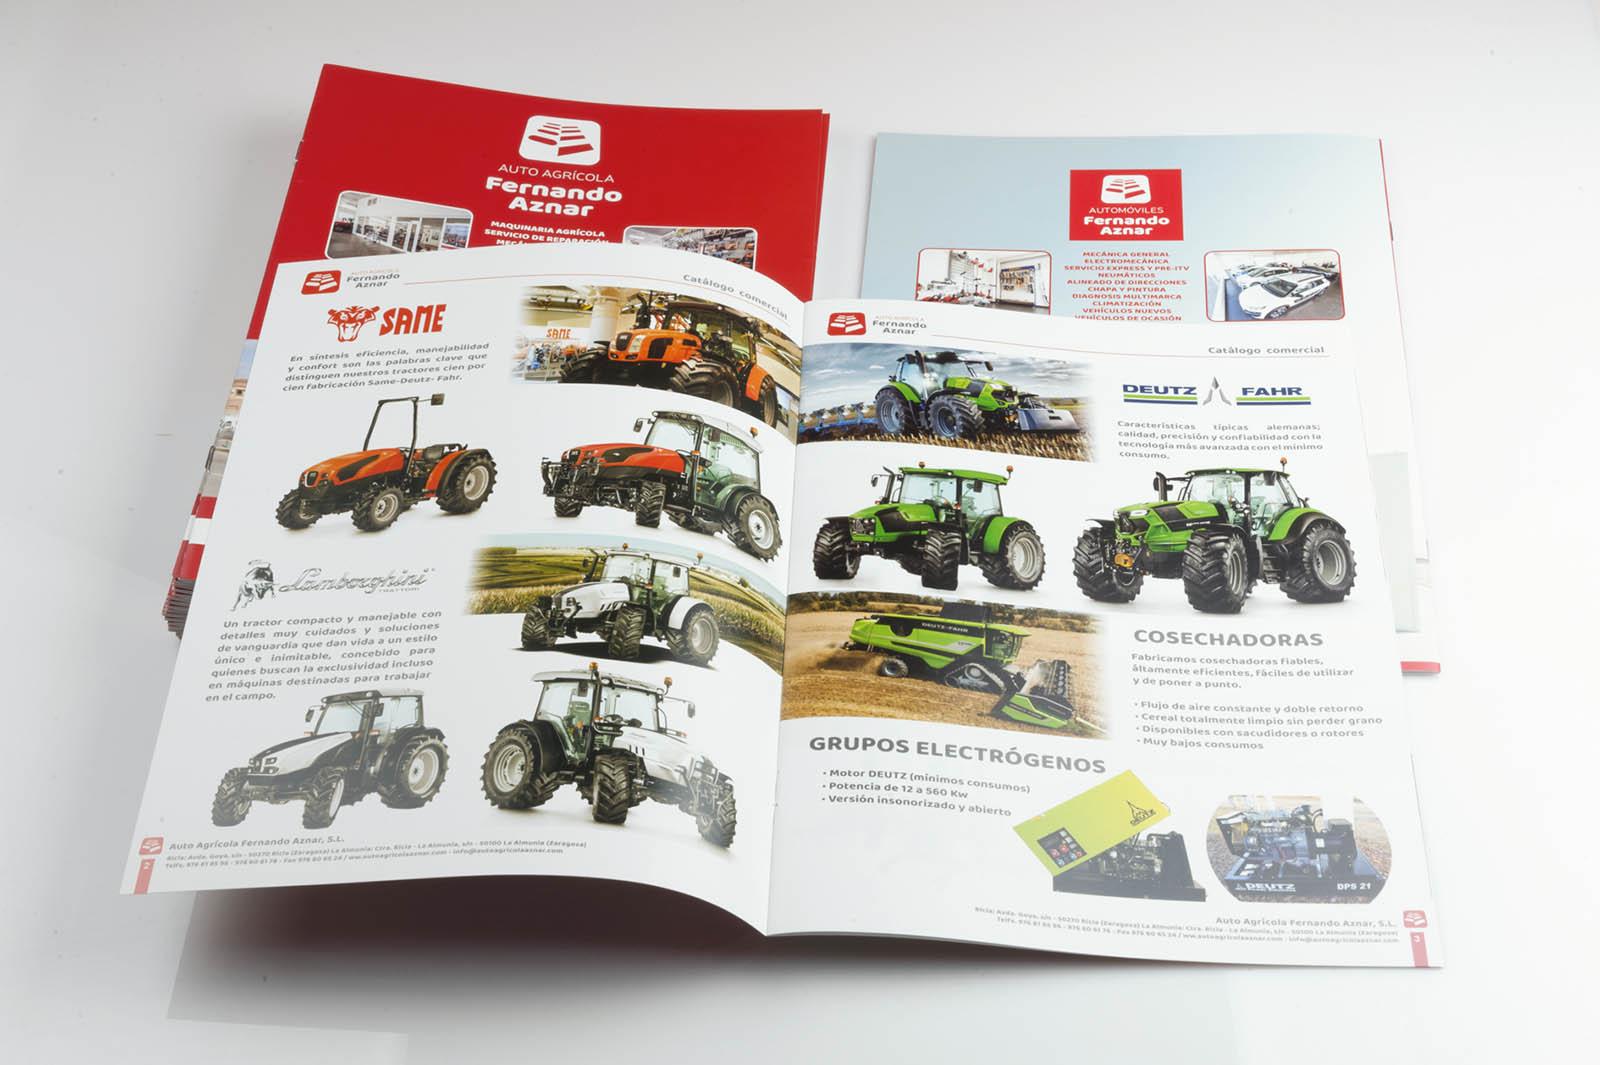 Catálogo comercial Autoagrícola Fernando Aznar - Diseño e impresión Imagina Arte Gráfico